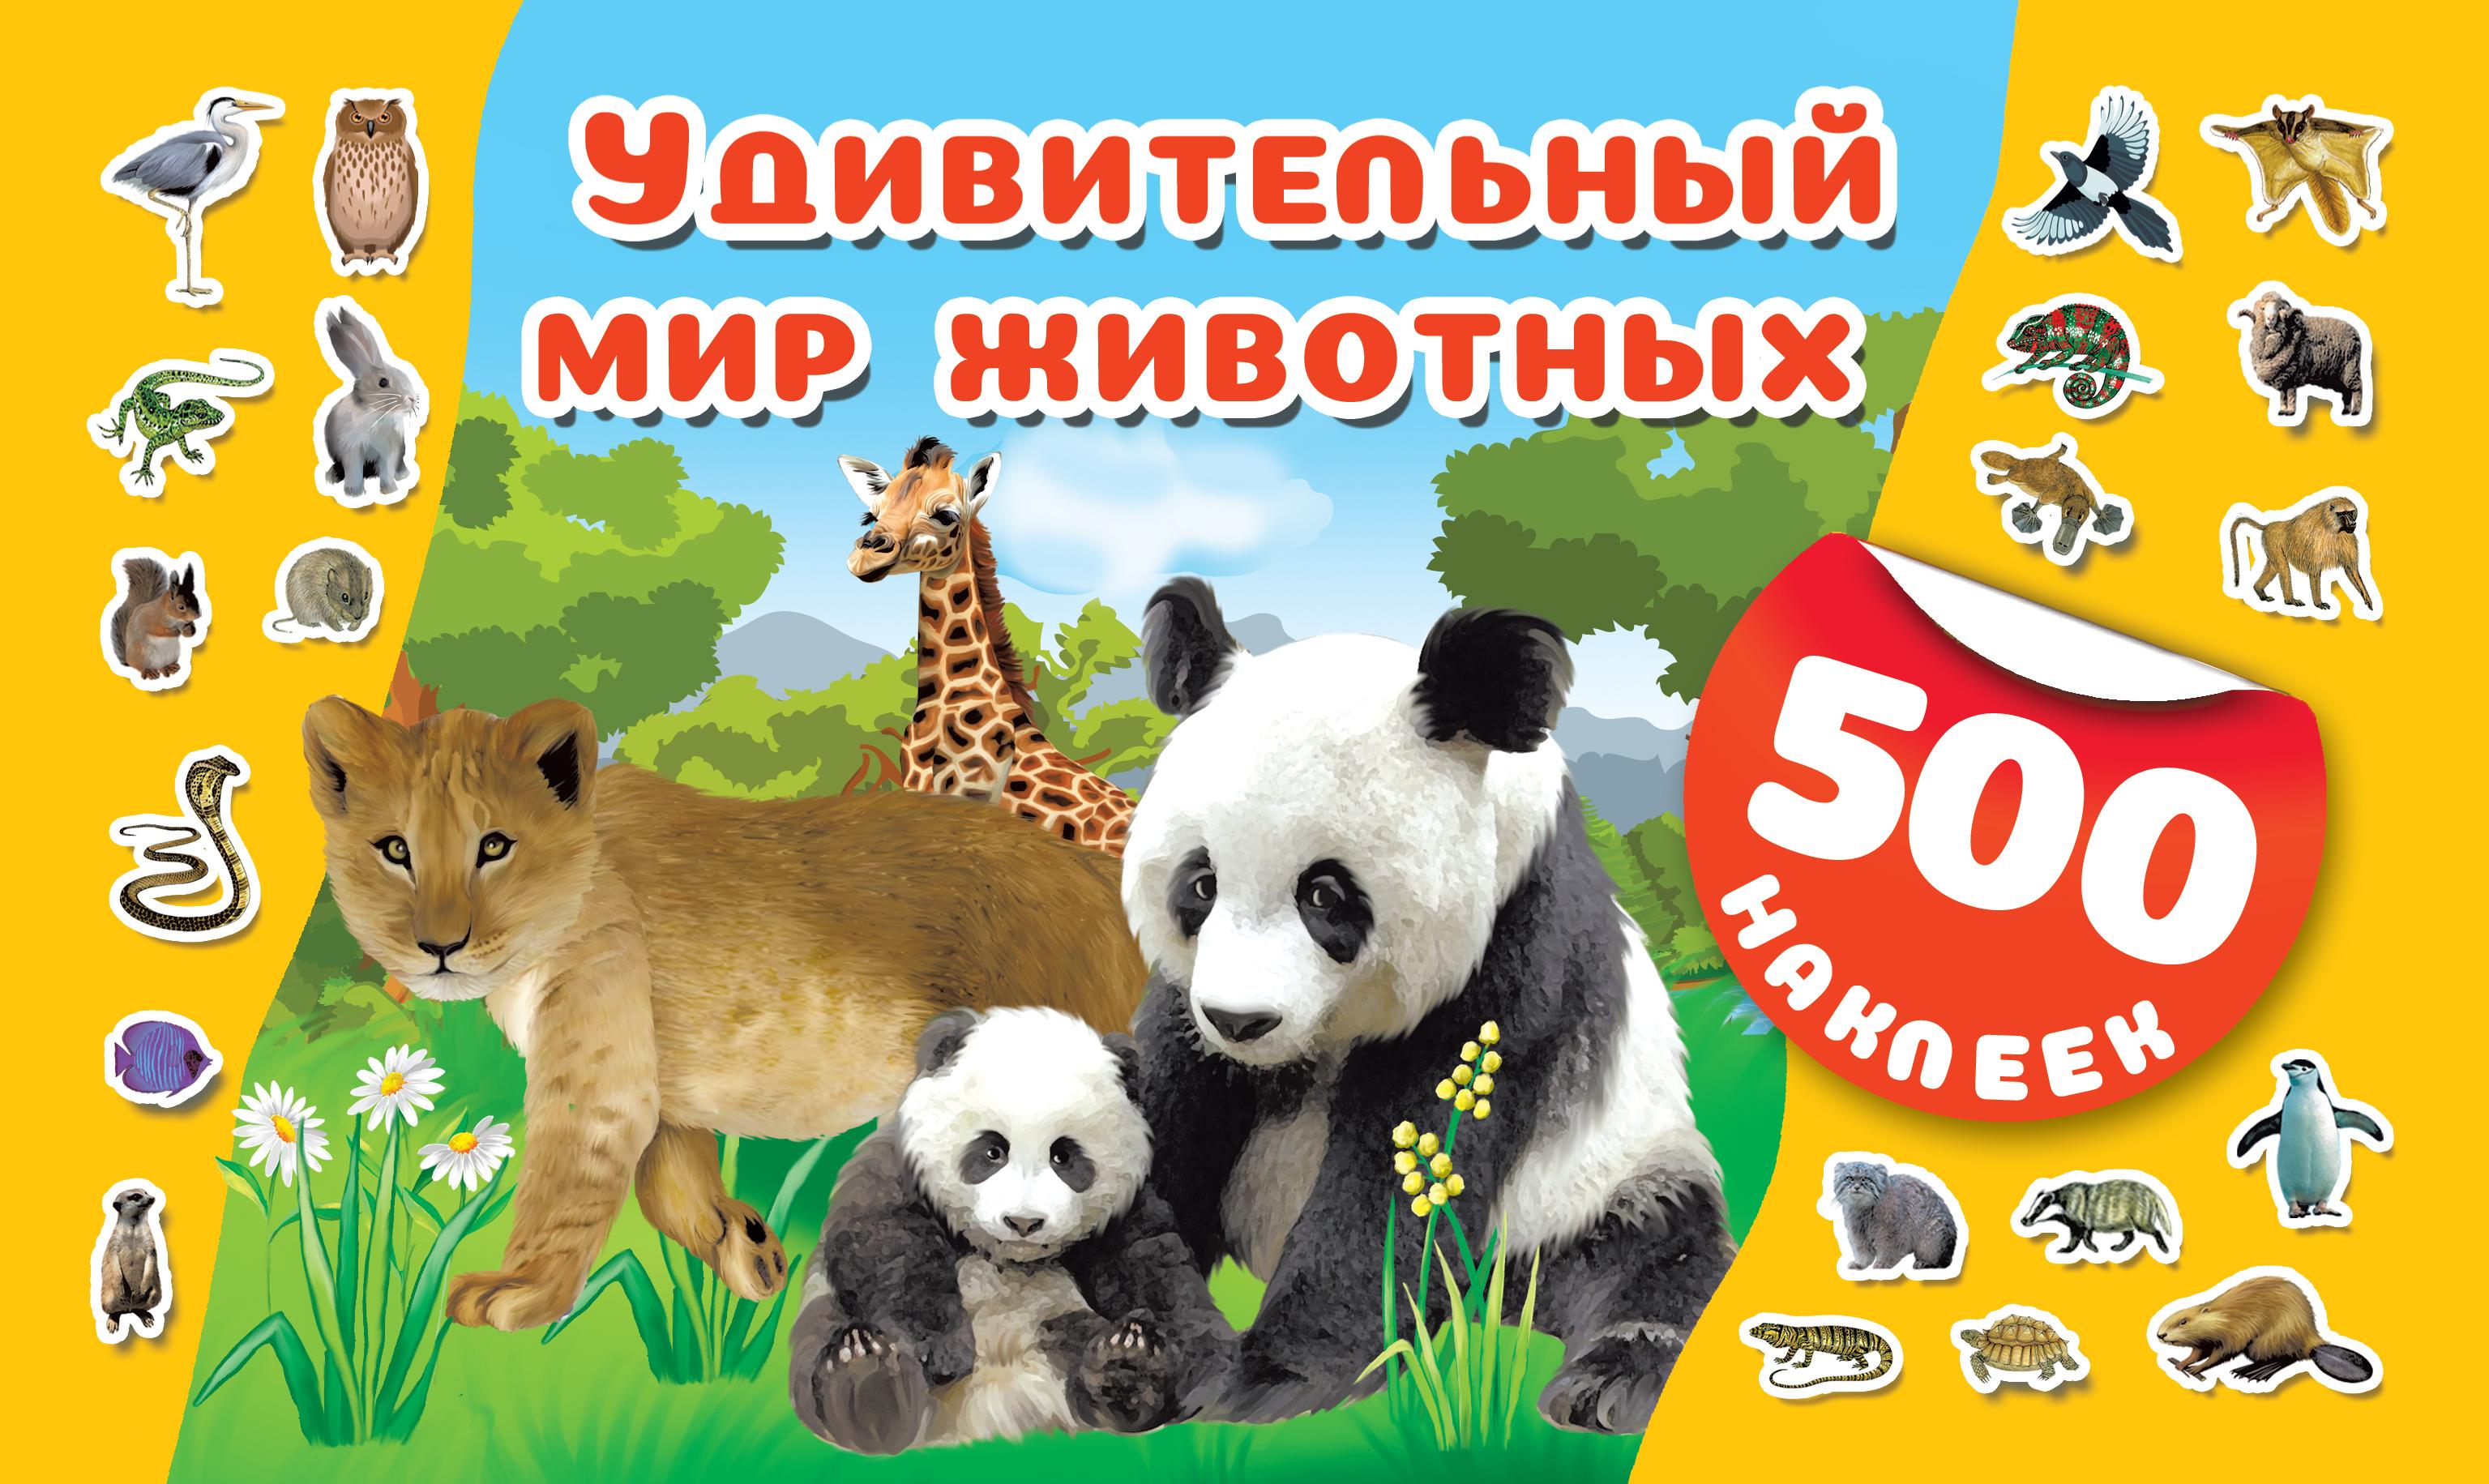 Глотова В.Ю., Рахманов А. Удивительный мир животных рулетка stanley fatmax 30мx9 5мм 0 34 132